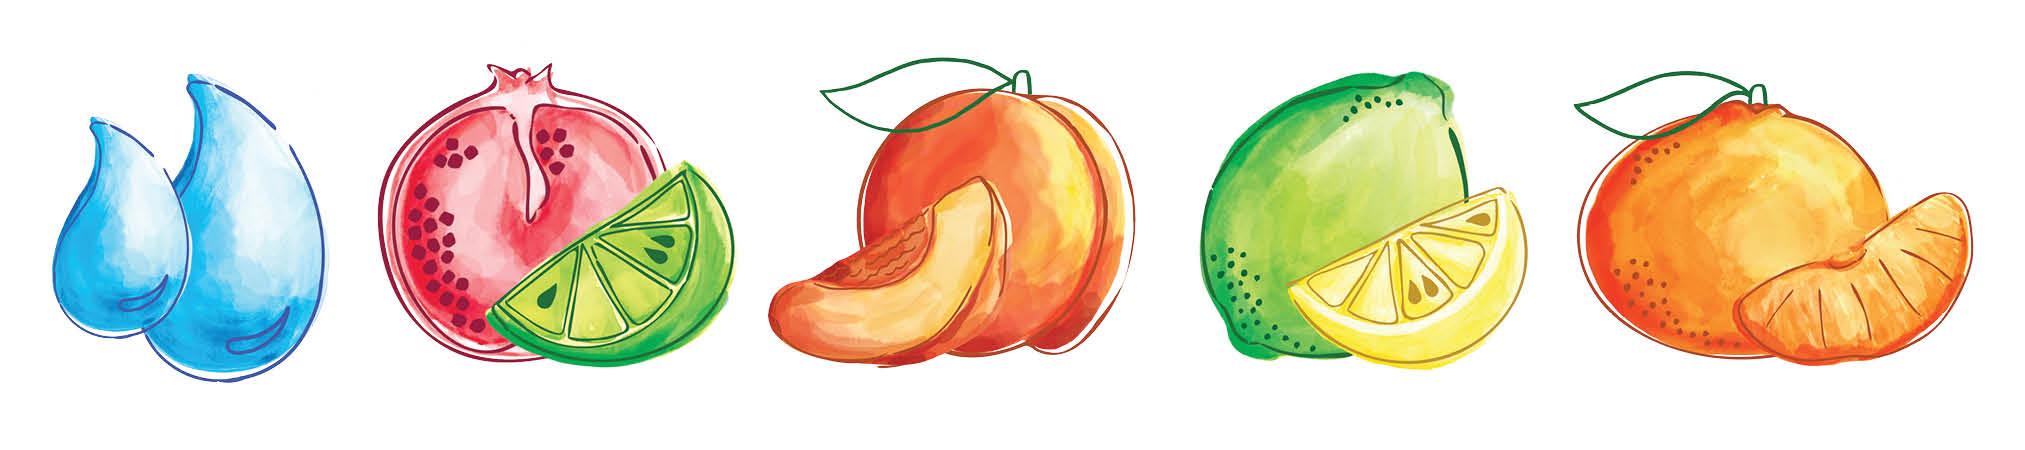 J00003_TRSW_Website_Assets_Fruit_Strip.jpg